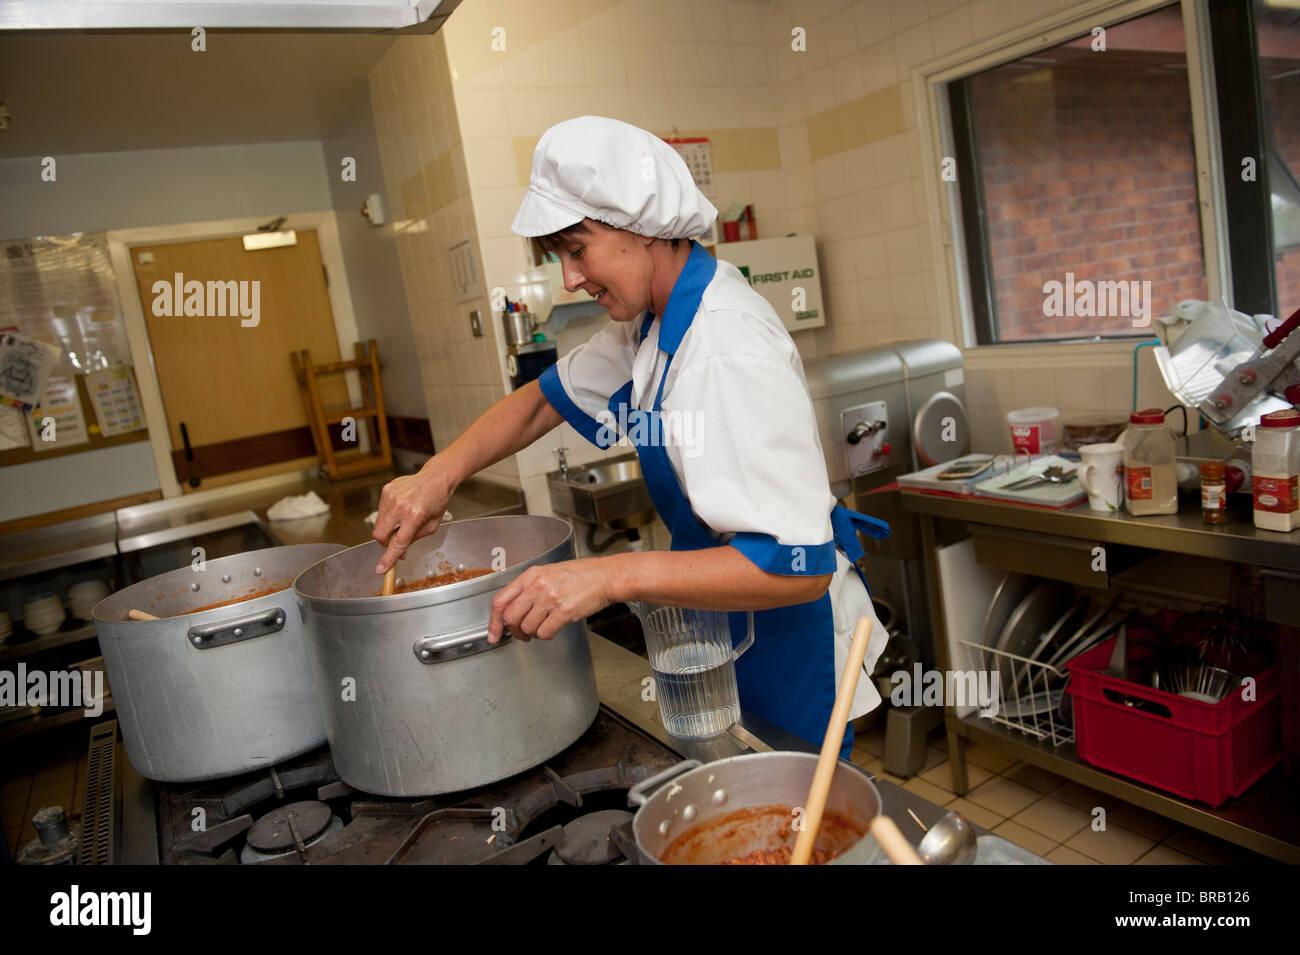 Scuola cuoco prepara la cena in una scuola primaria cucina, REGNO UNITO Foto Stock